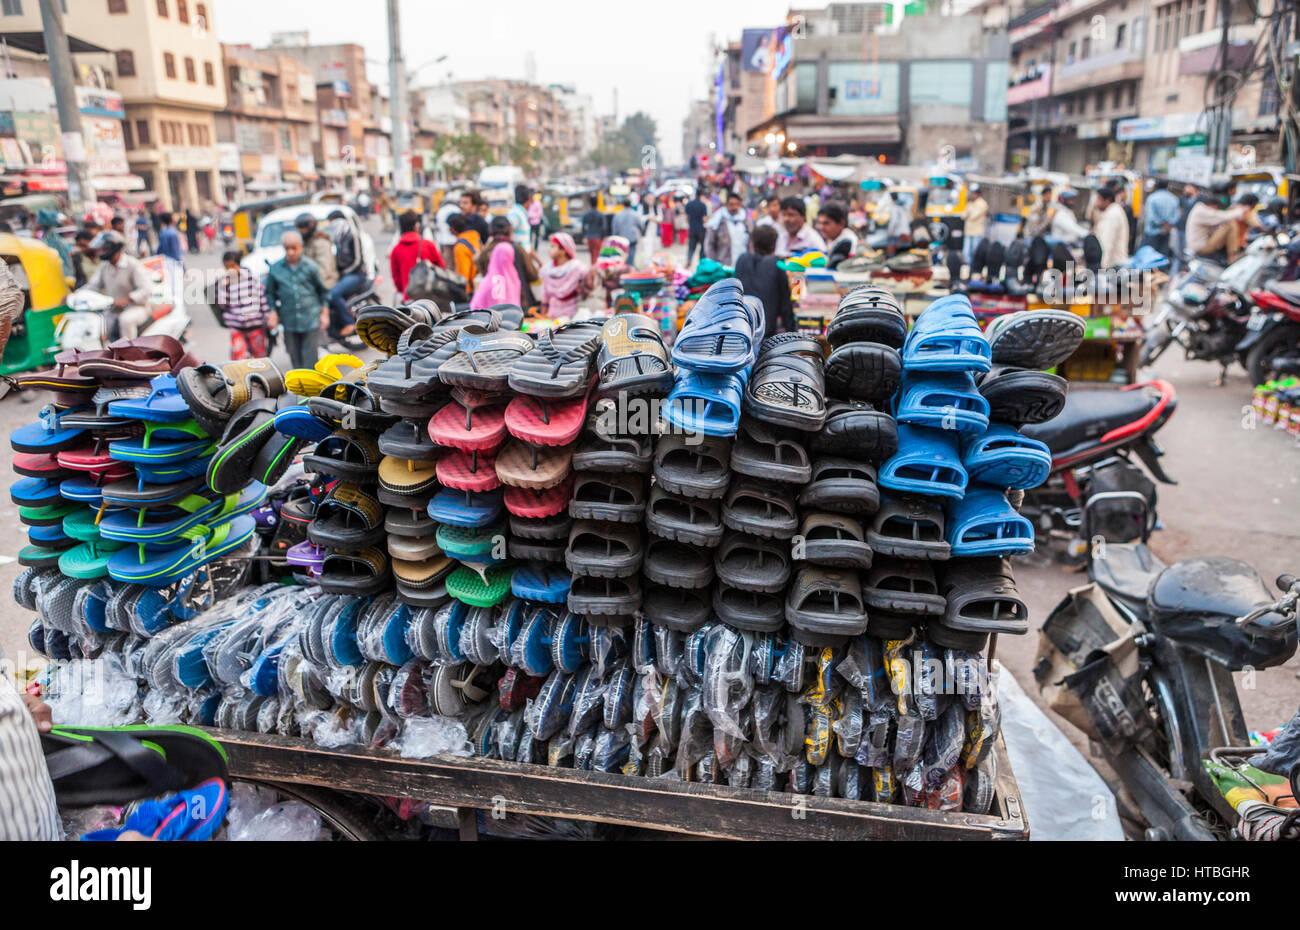 Un carrello pieno di Sandali e infradito nel mercato Sardar, Jodhpur, Rajasthan, India. Immagini Stock